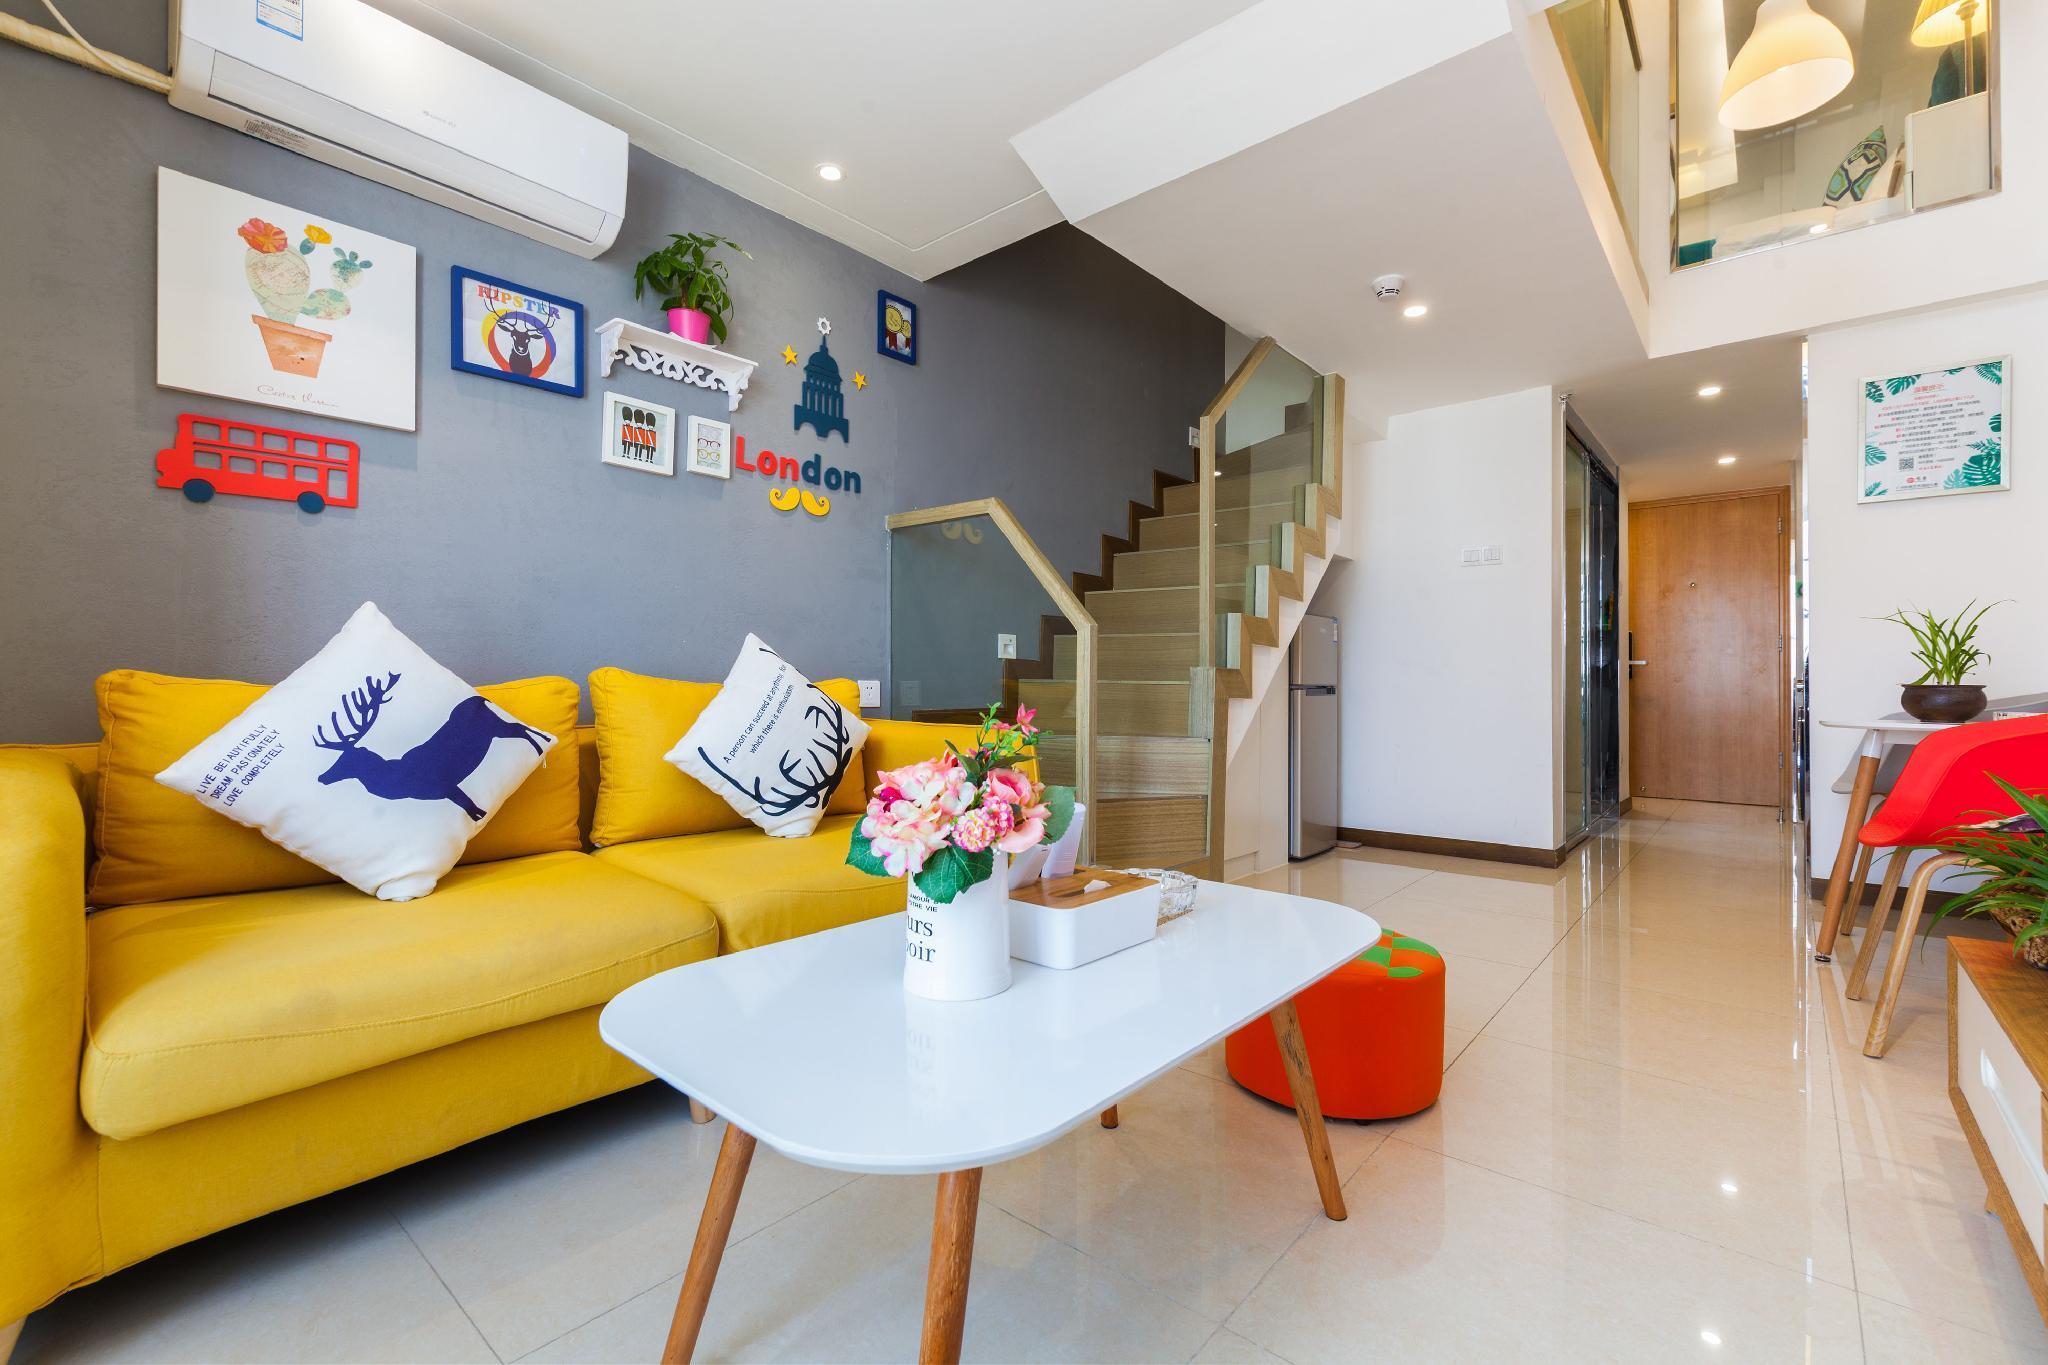 Review Guangzhou ChangLong/Wanda CBD 2 bedroom apatrment